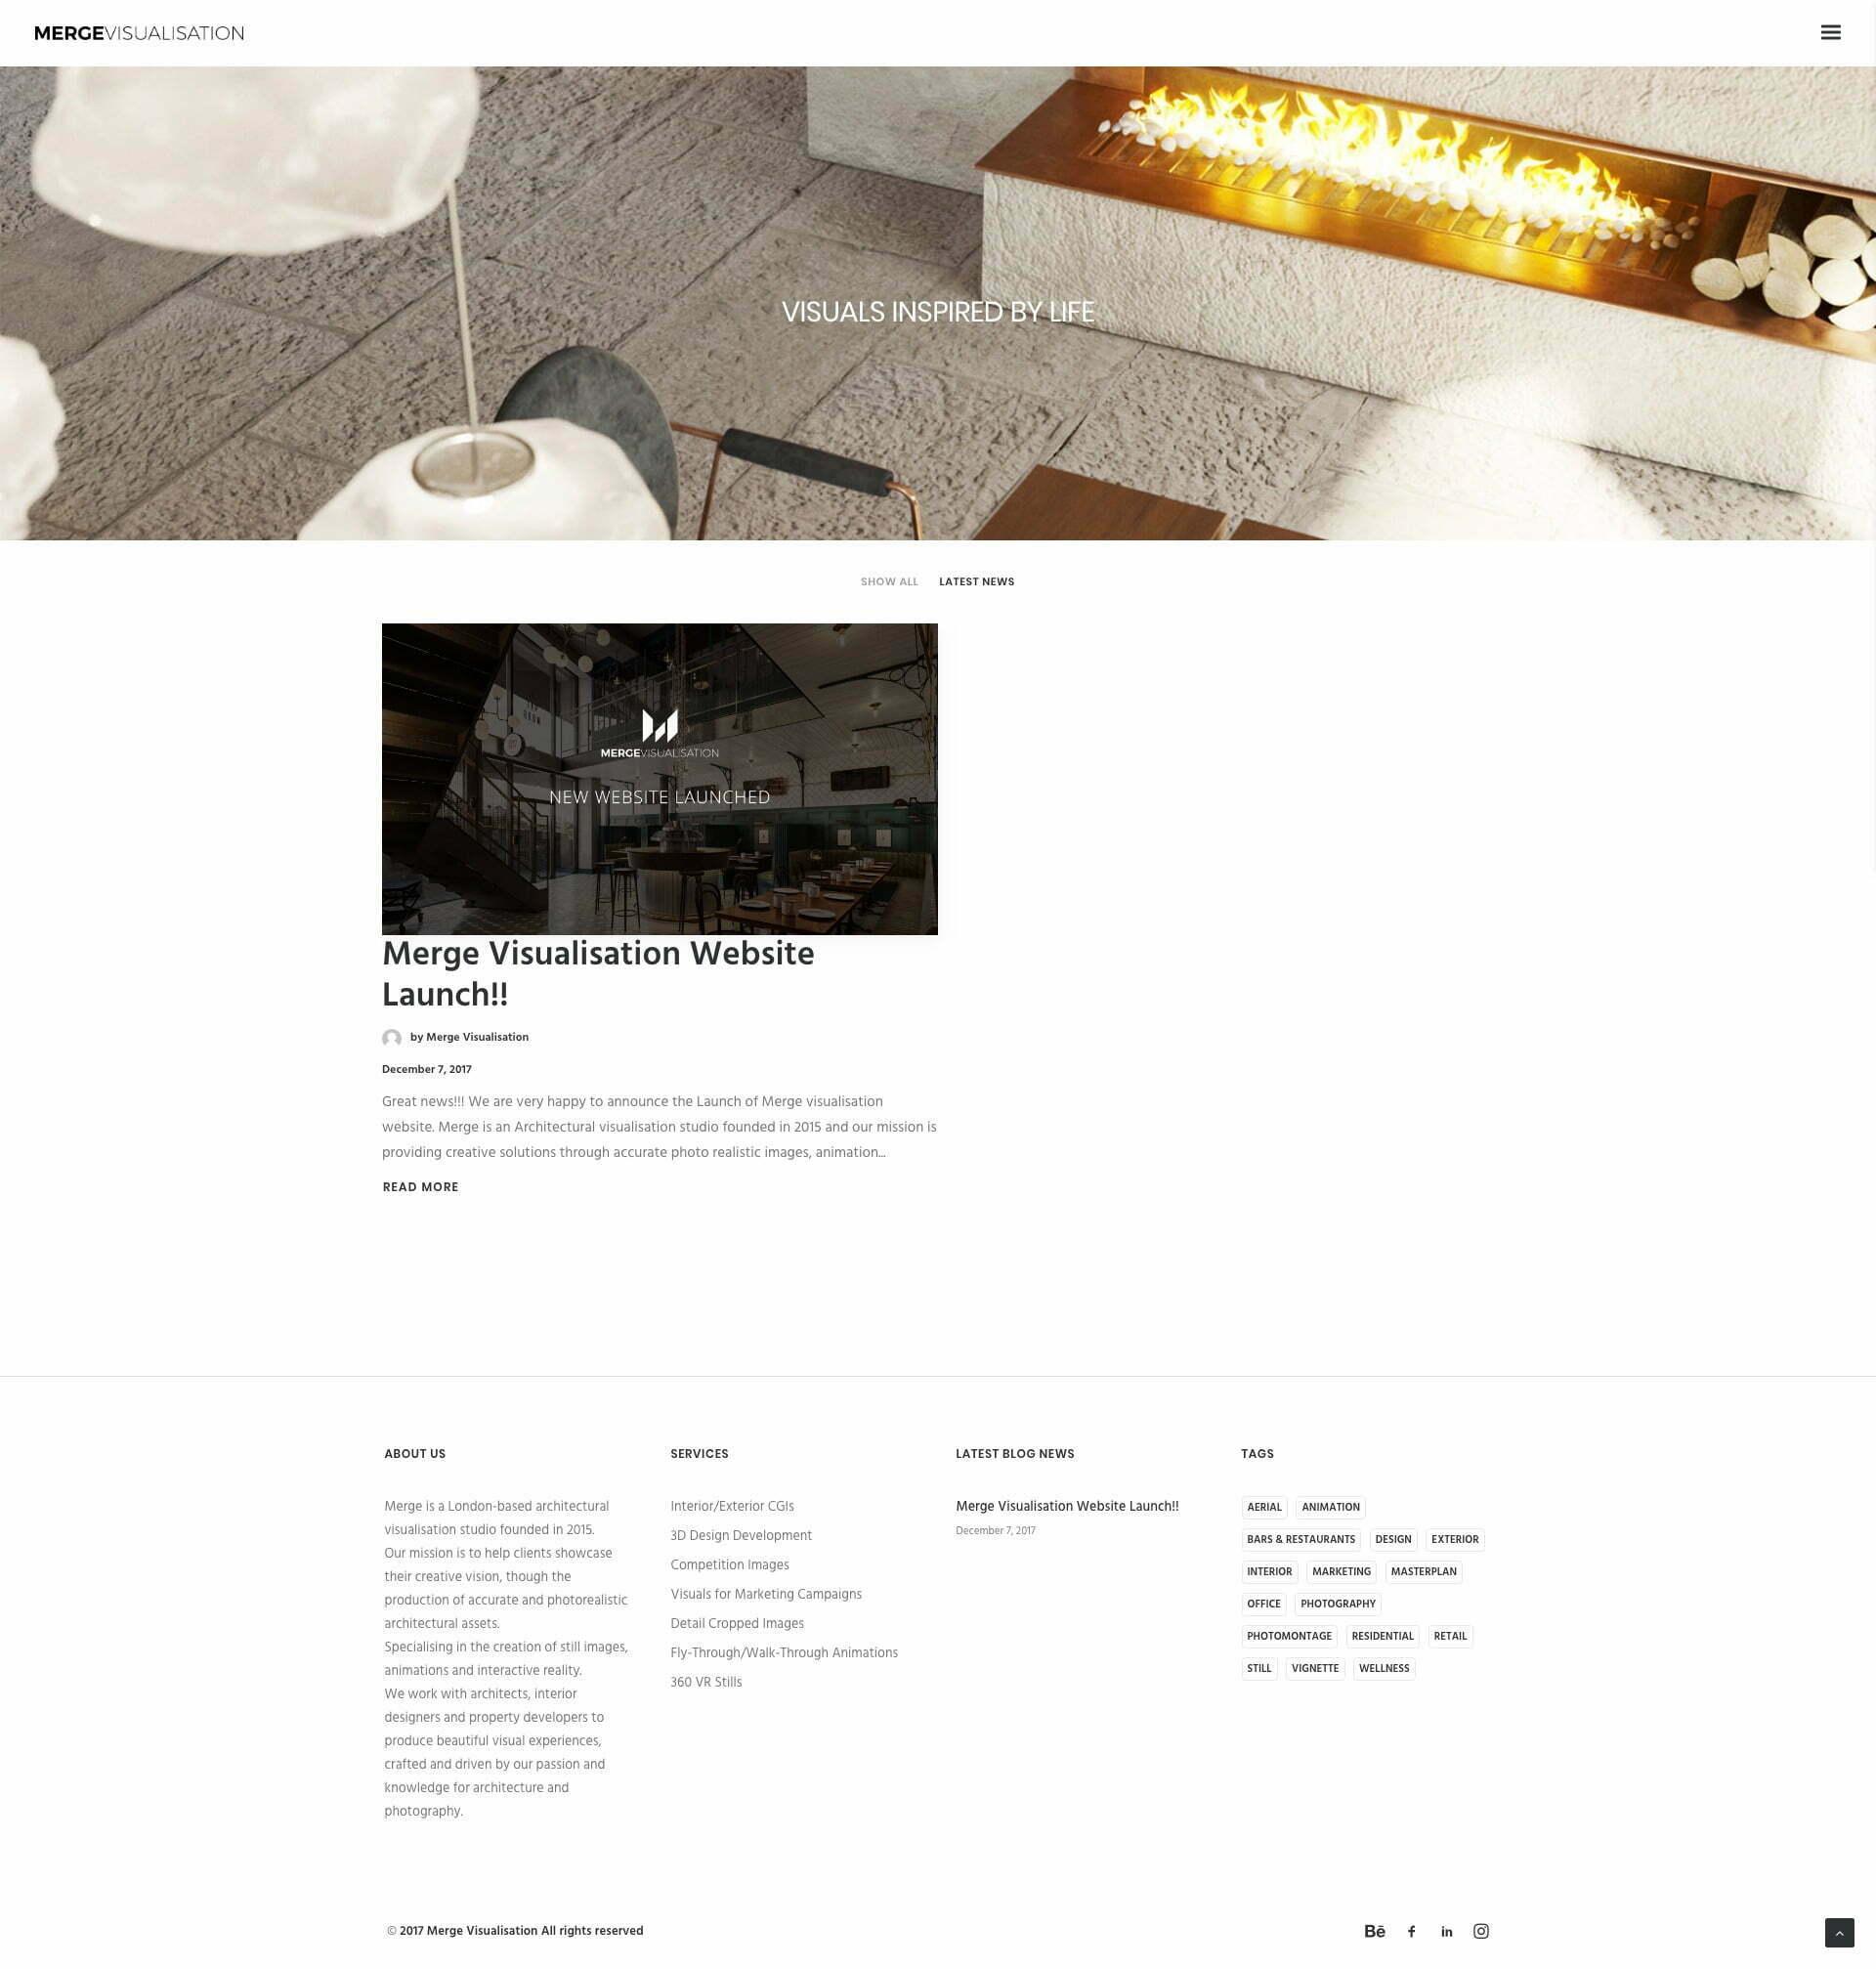 mergevisualisation-blog